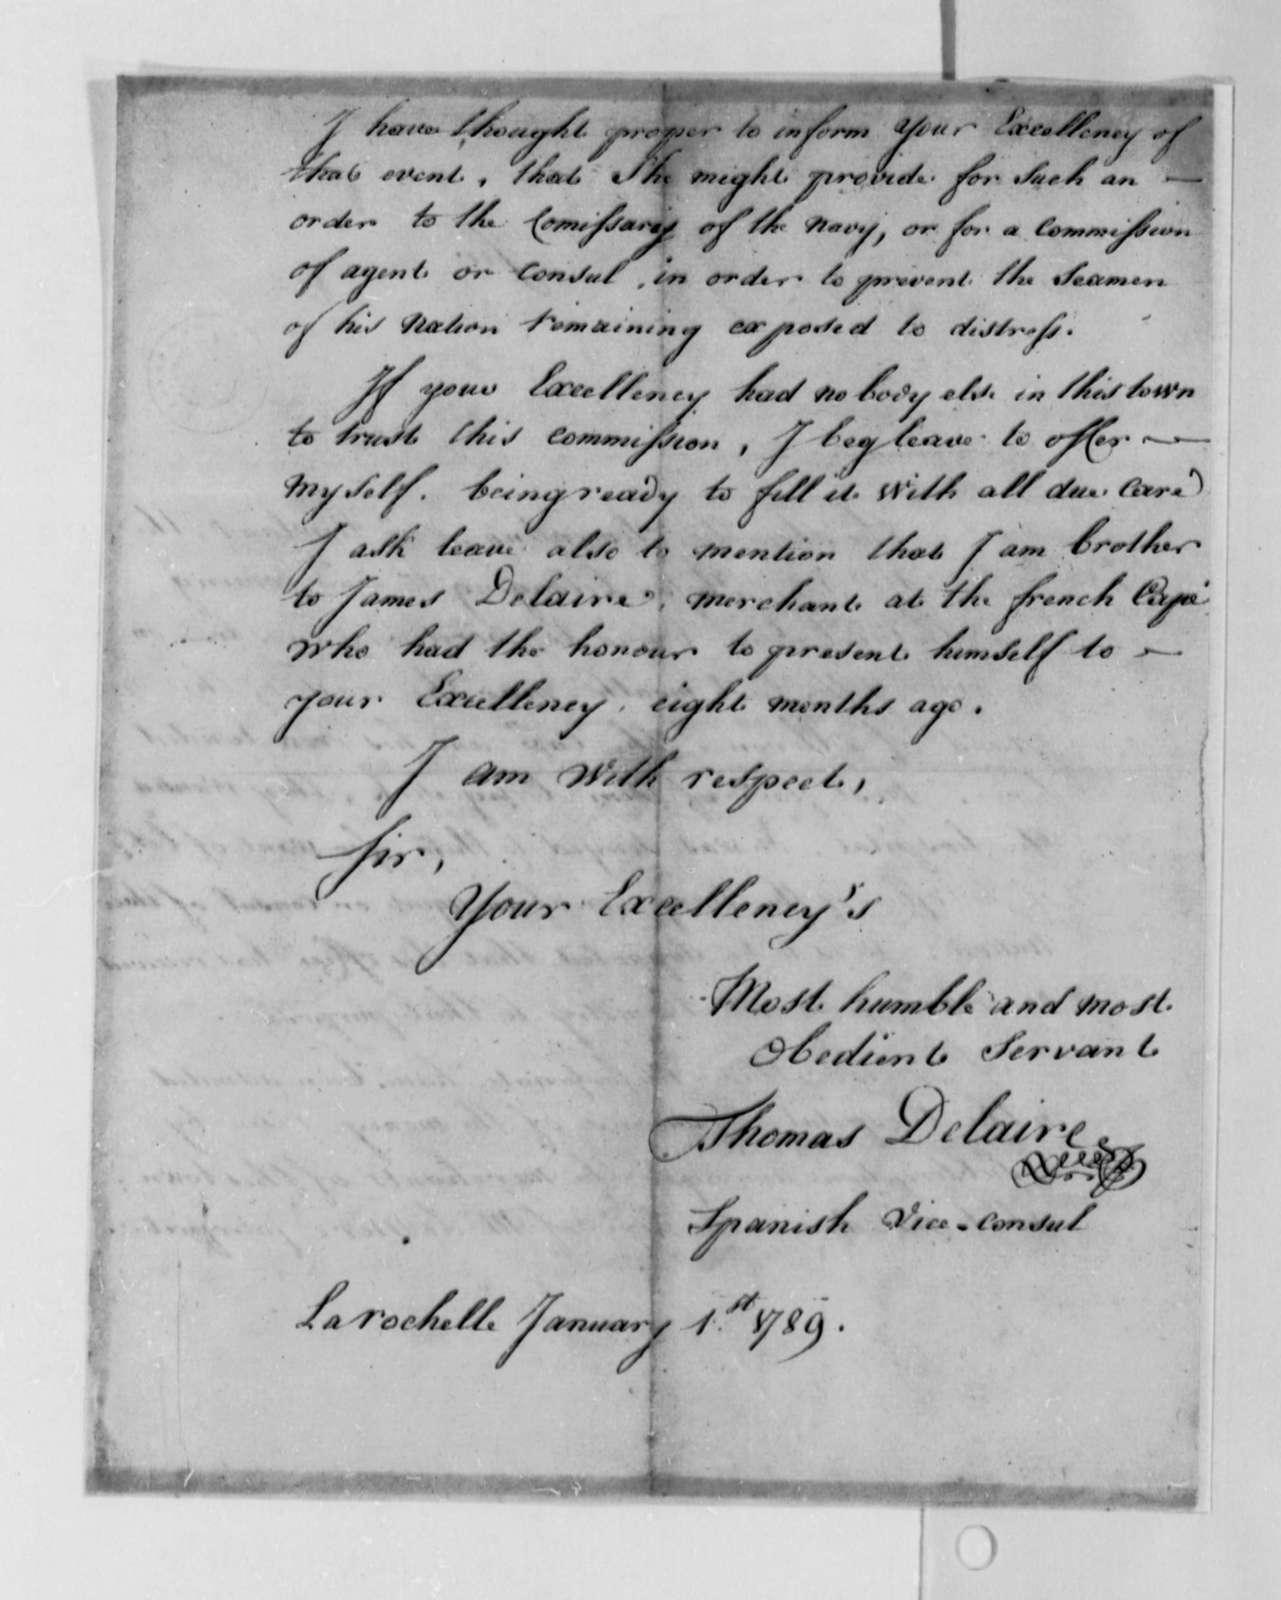 Thomas Delaire to Thomas Jefferson, January 1, 1789